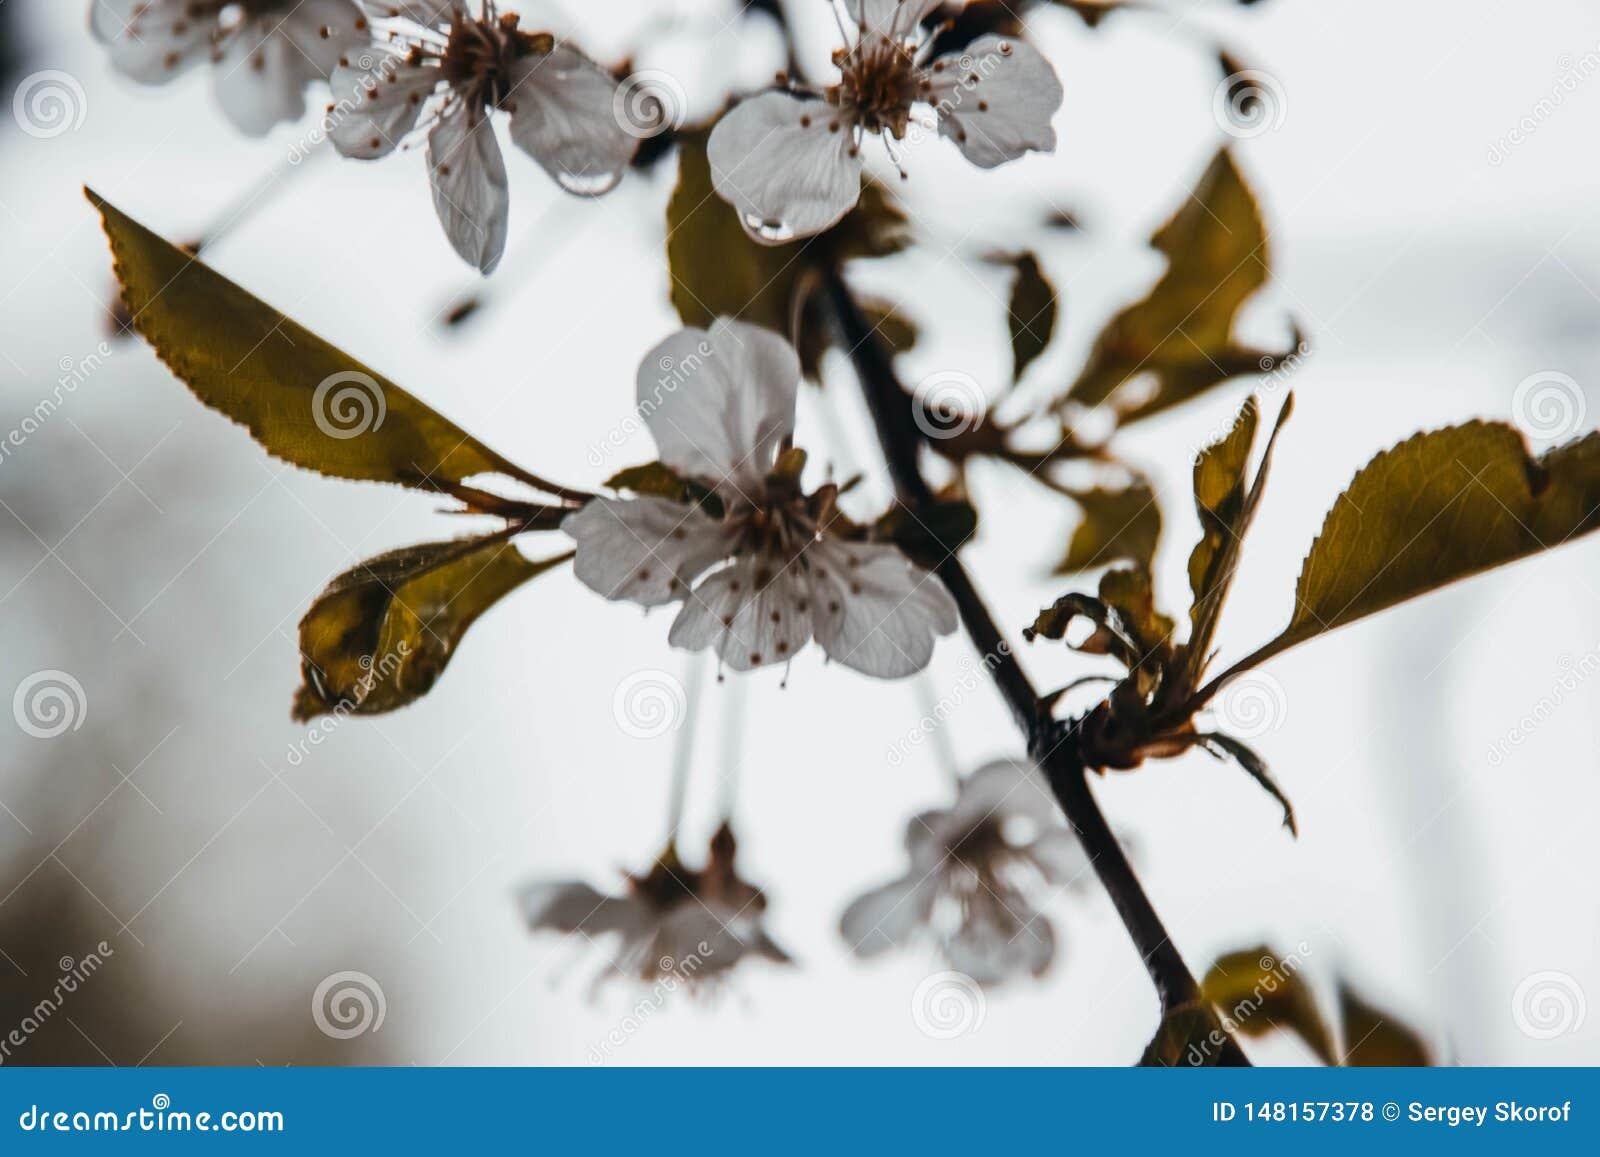 Manzano después de la lluvia, huele fragante